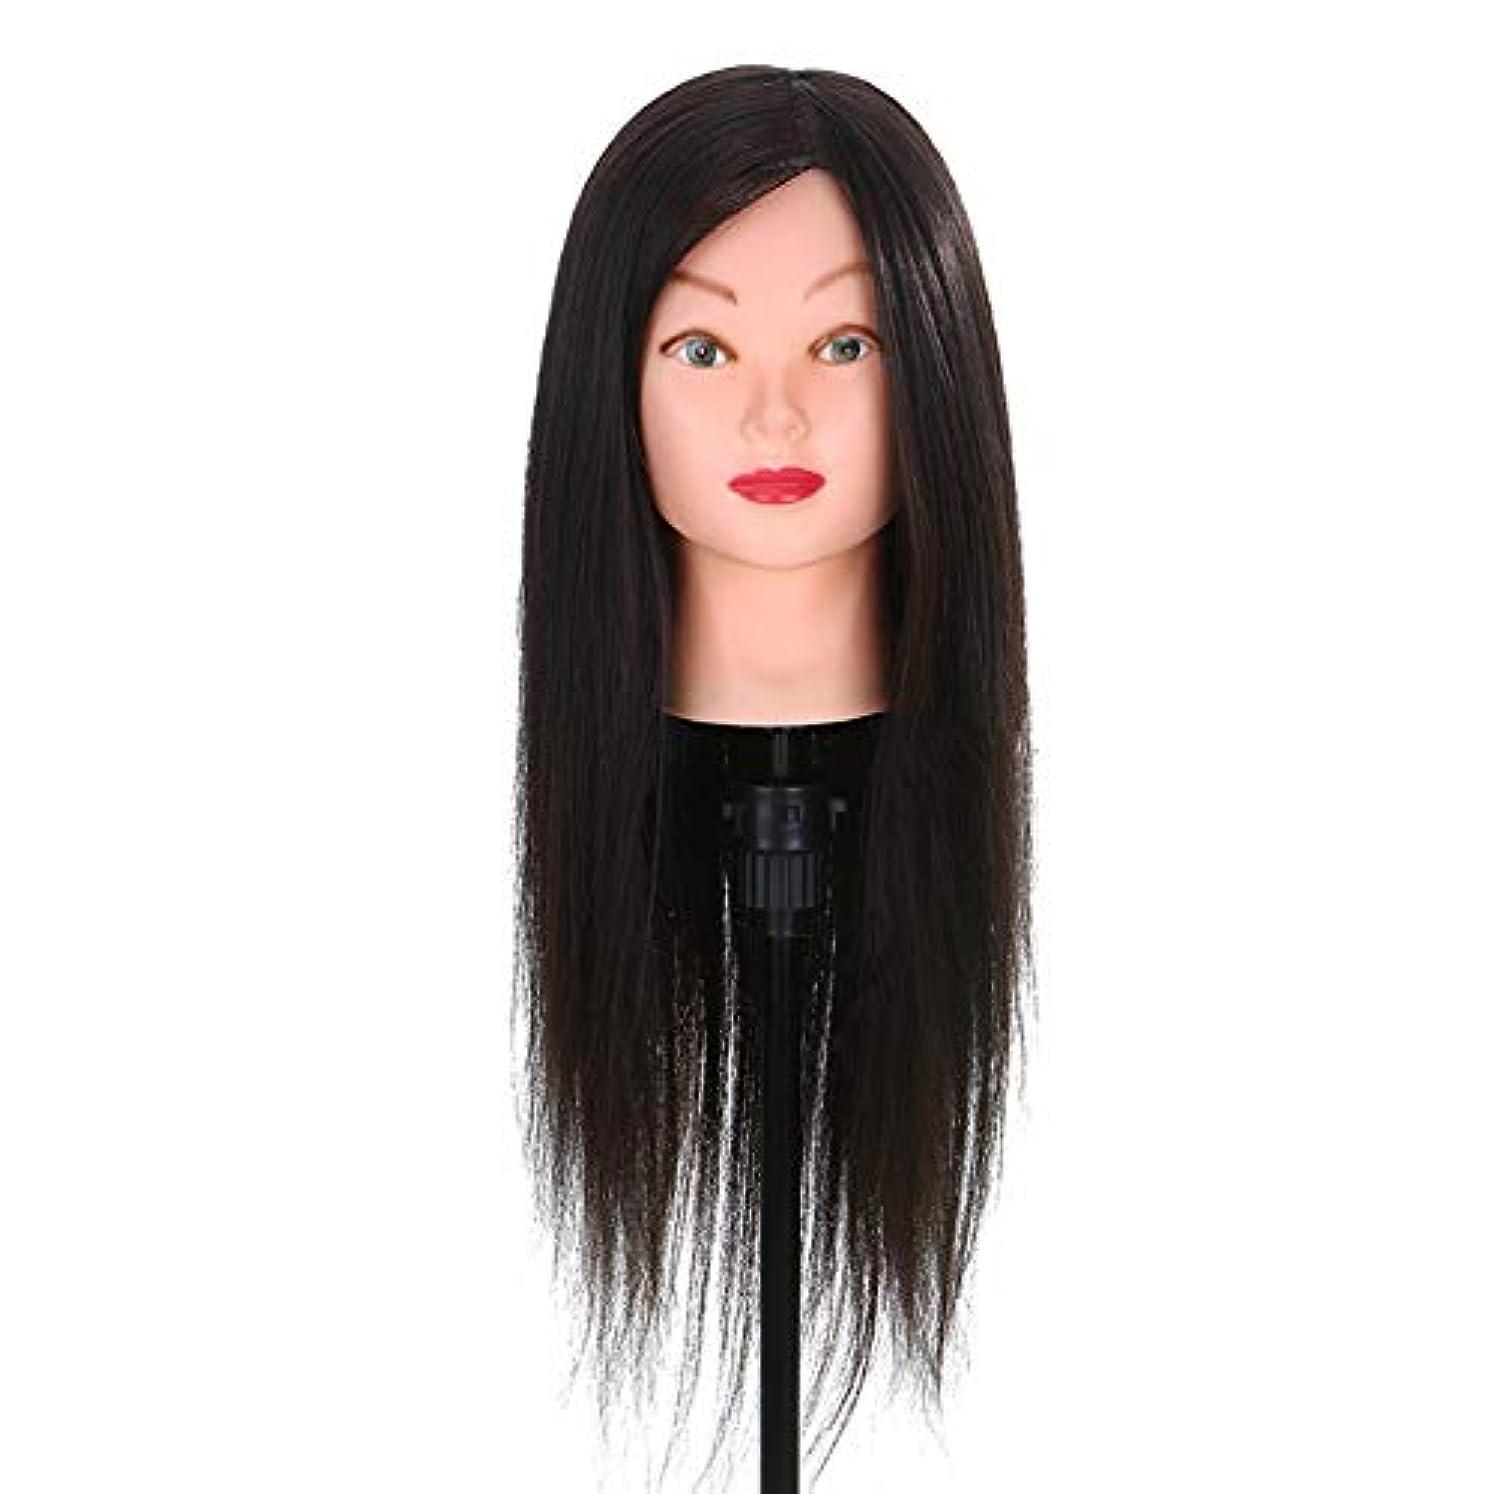 ウナギビル成熟練習ディスク髪編組ヘアモデル理髪店スクールティーチングヘッドロングかつら美容マネキンヘッドブラケット